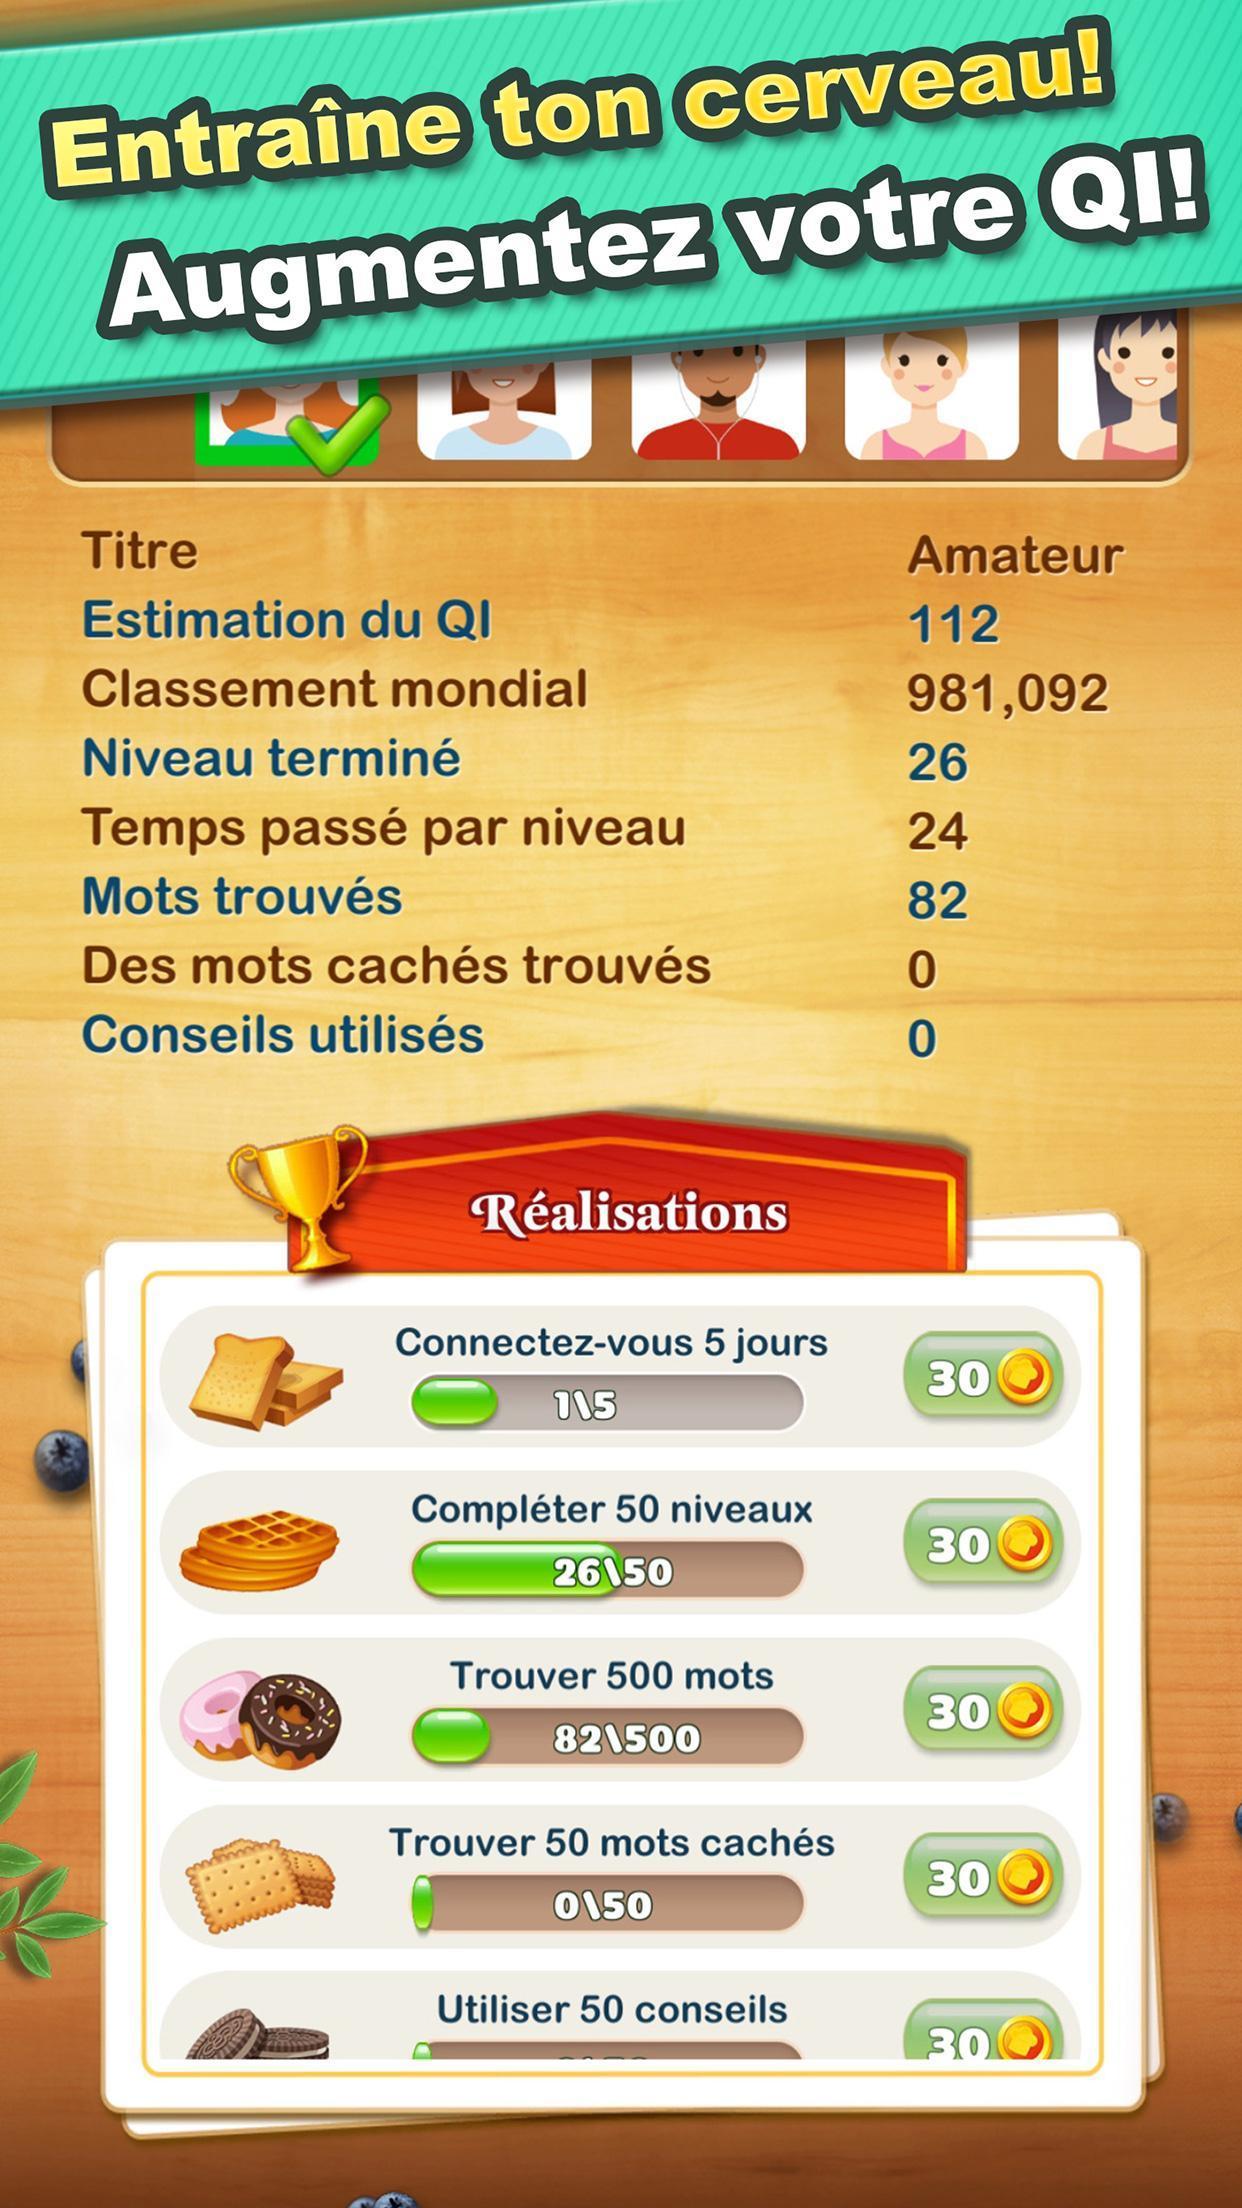 Android Için Jeux De Mots - Concours De Qi, #1 En Français destiné Jeux De Mots A Trouver